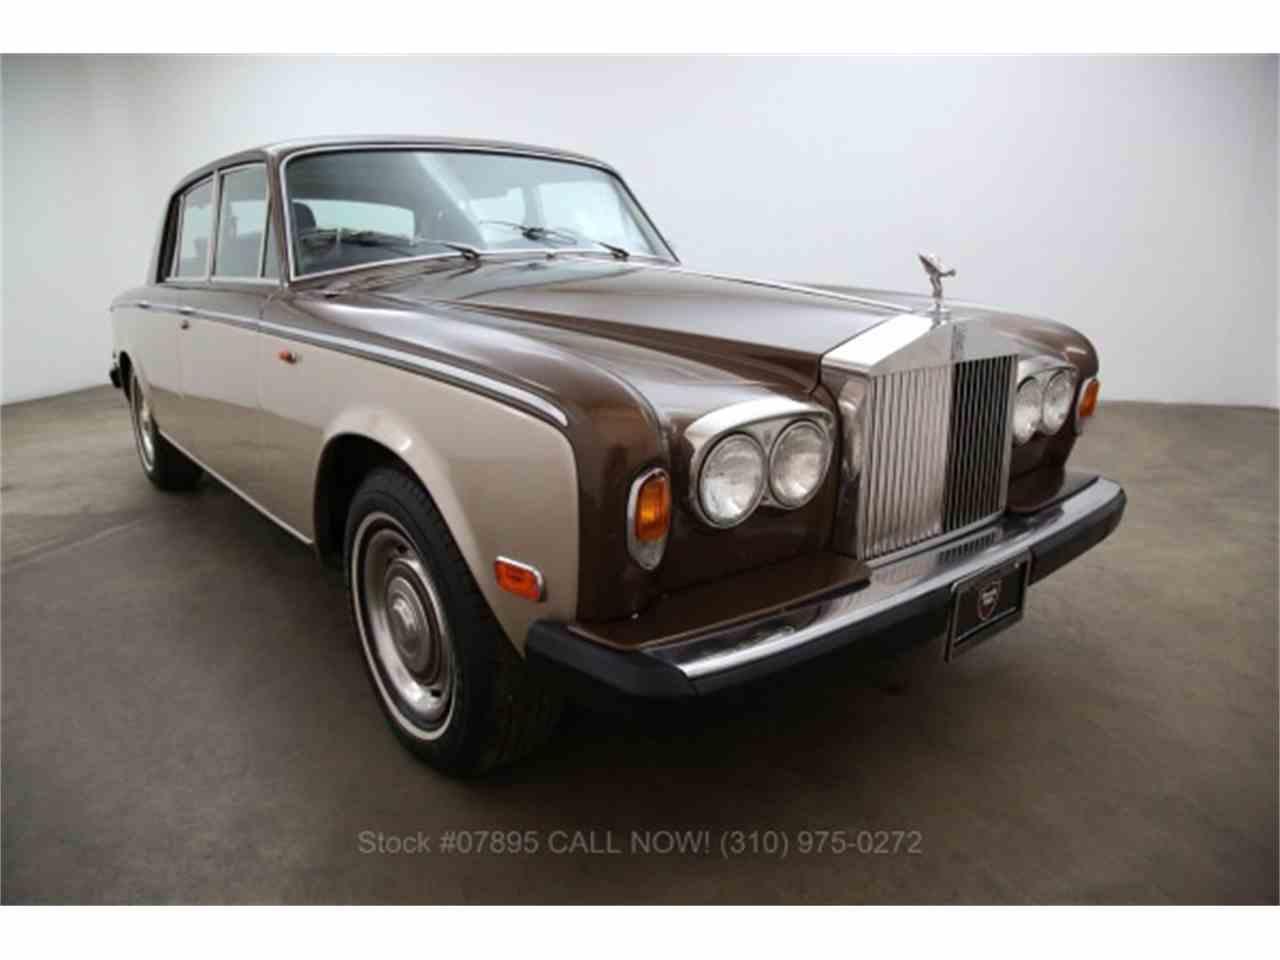 1979 Rolls Royce Silver Shadow for Sale - CC-1032693